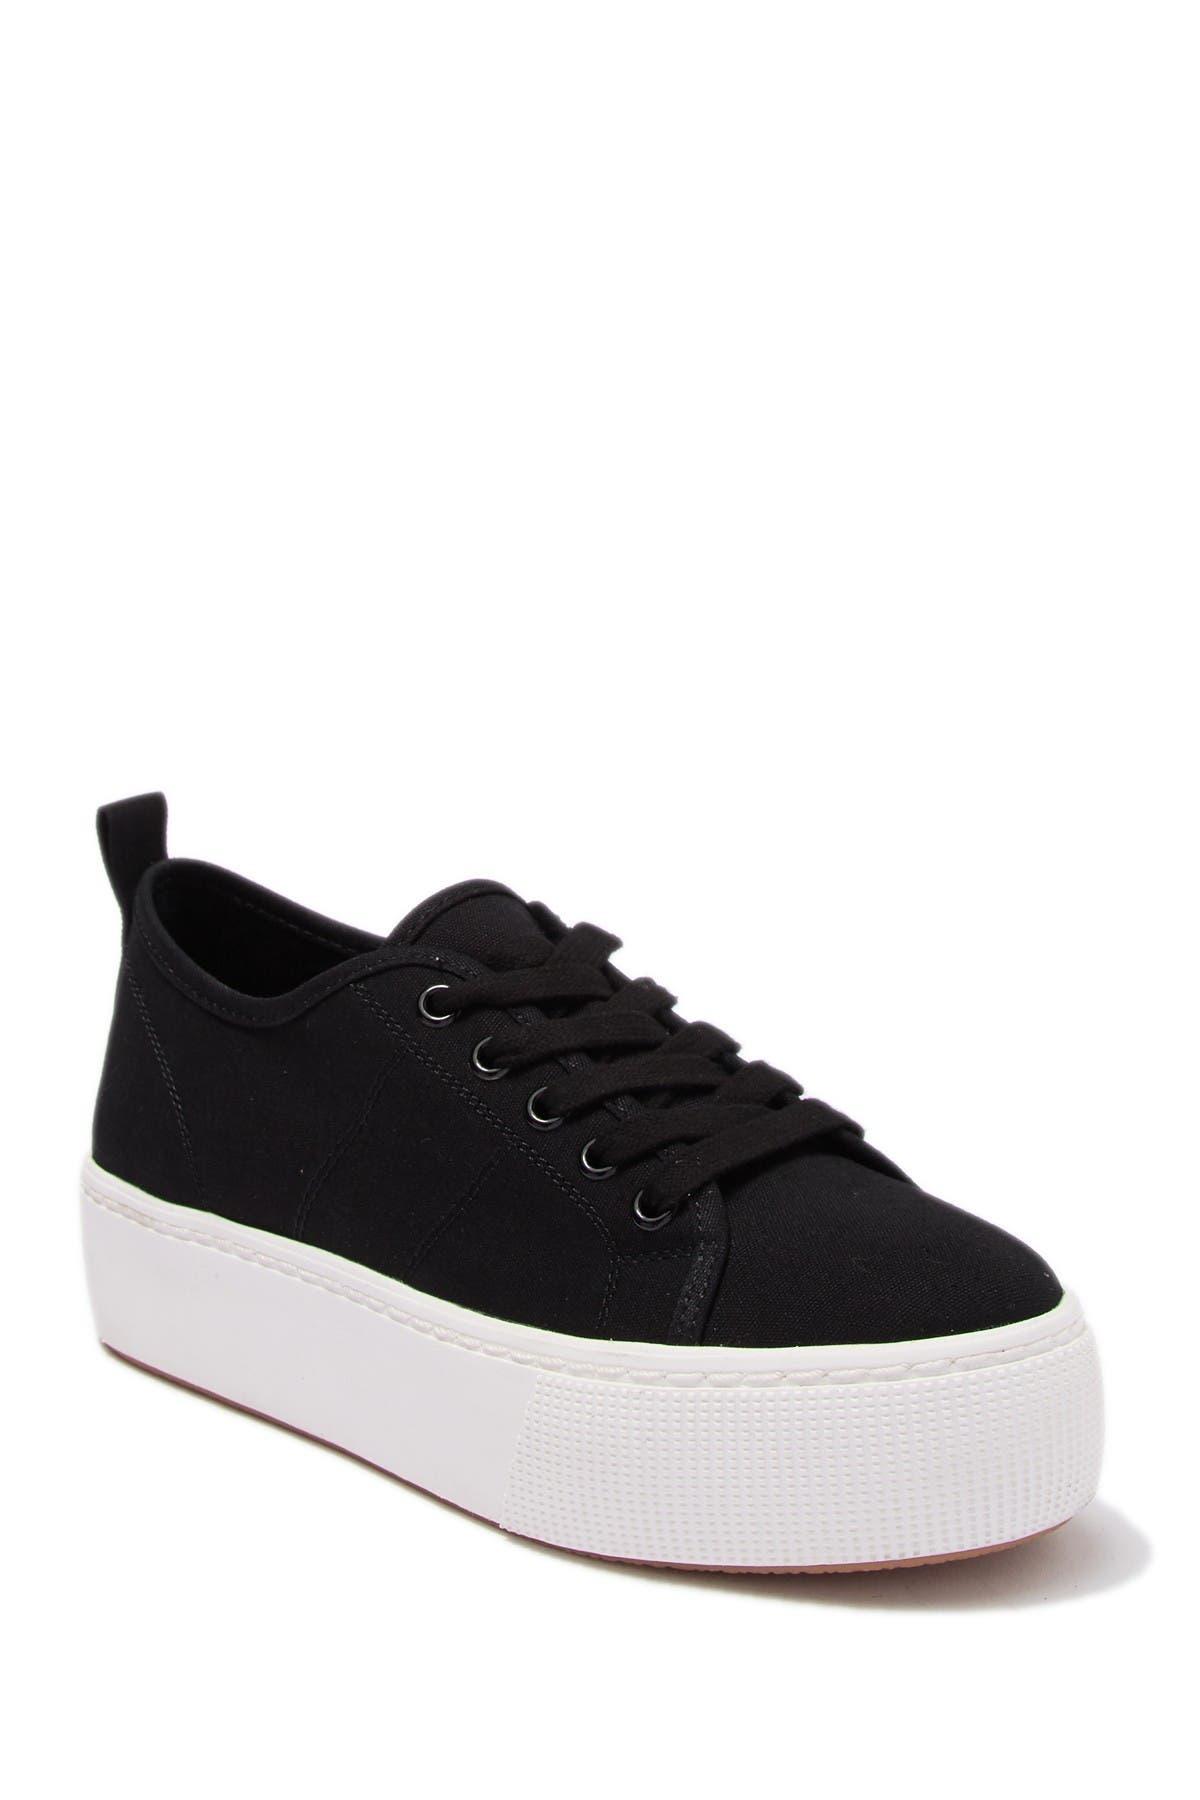 Abound | Neely Platform Sneaker